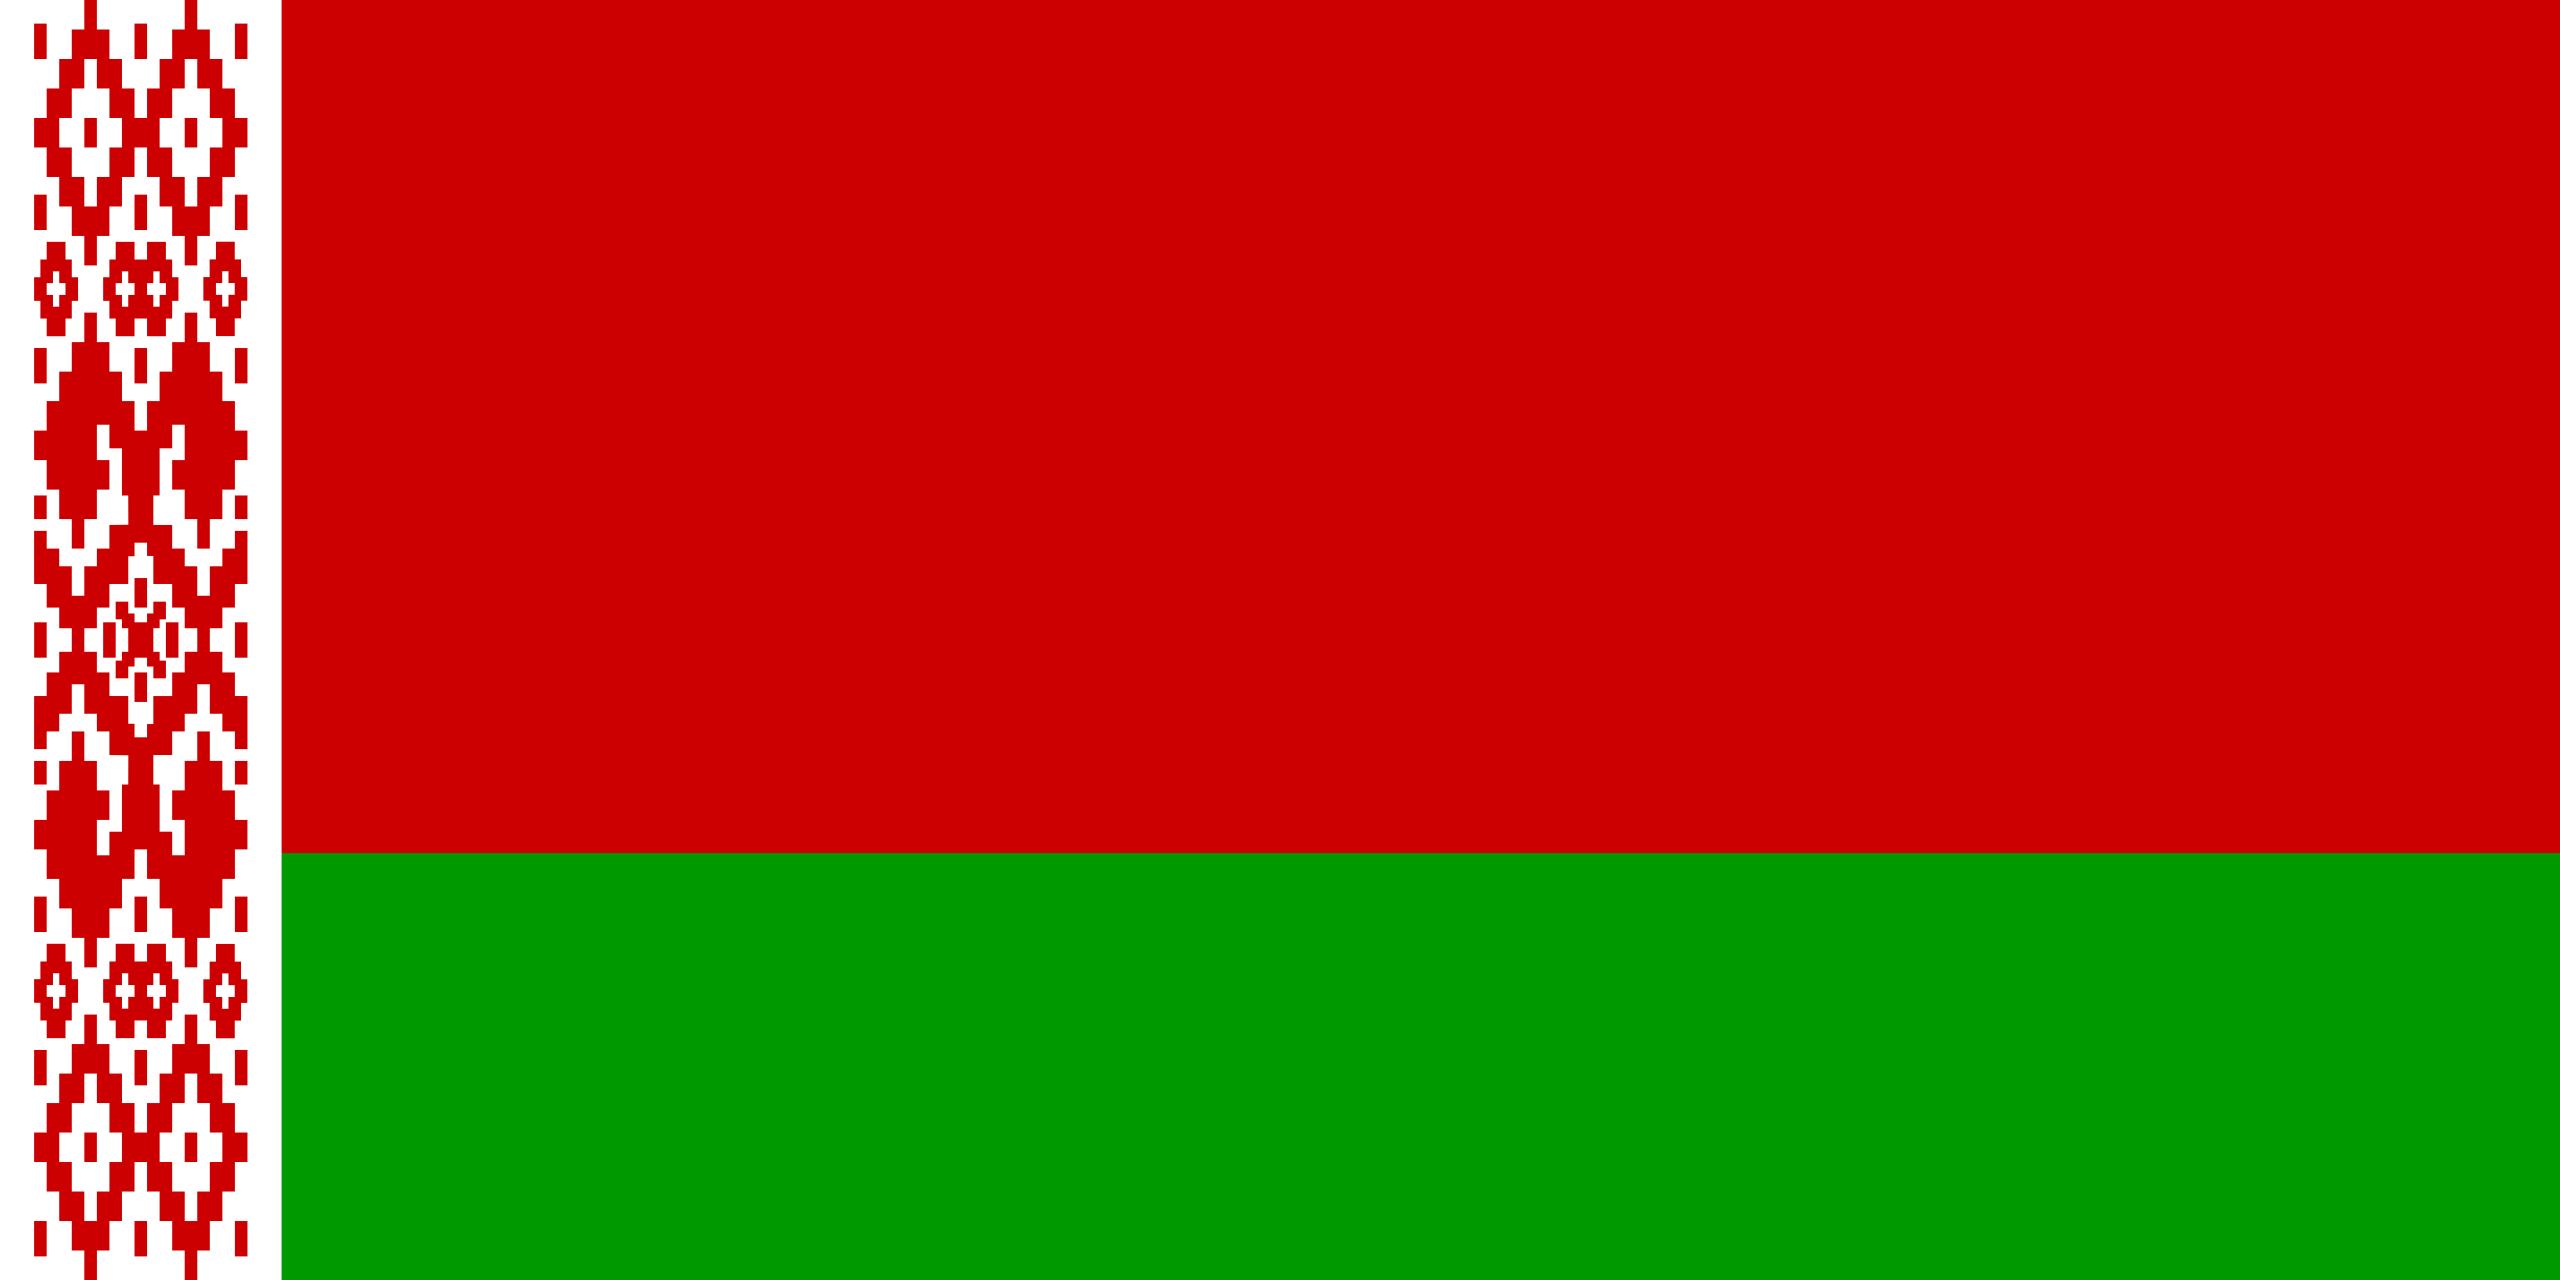 bielorrusia, país, emblema, insignia, símbolo - Fondos de Pantalla HD - professor-falken.com